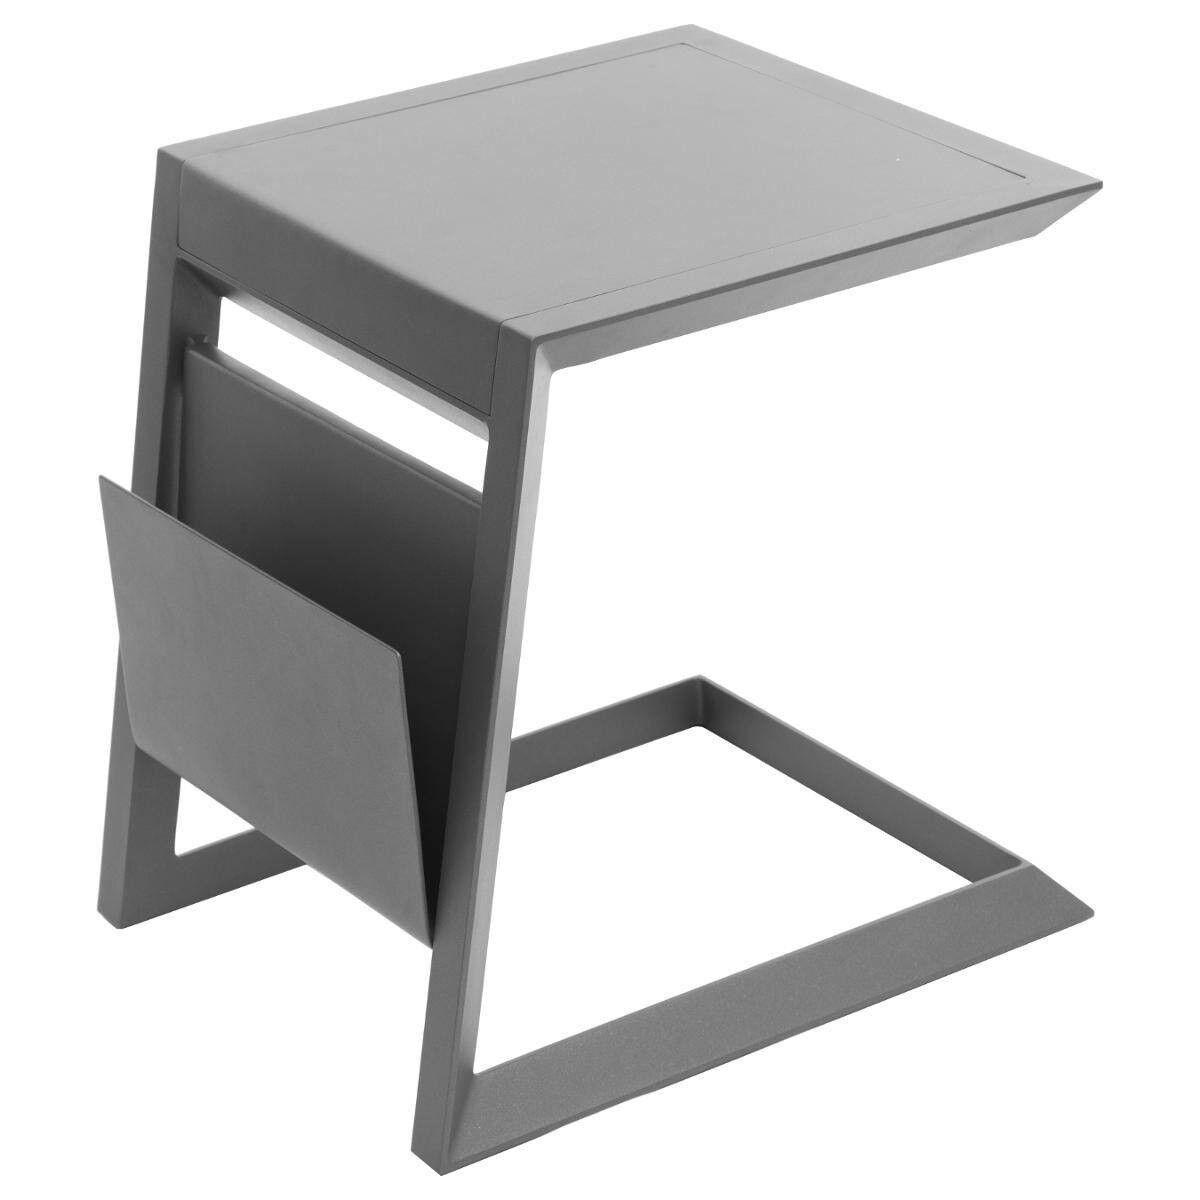 Hespéride Table d'appoint de jardin carrée Allure Graphite 55 x 45 x 55 cm - Aluminium traité époxy